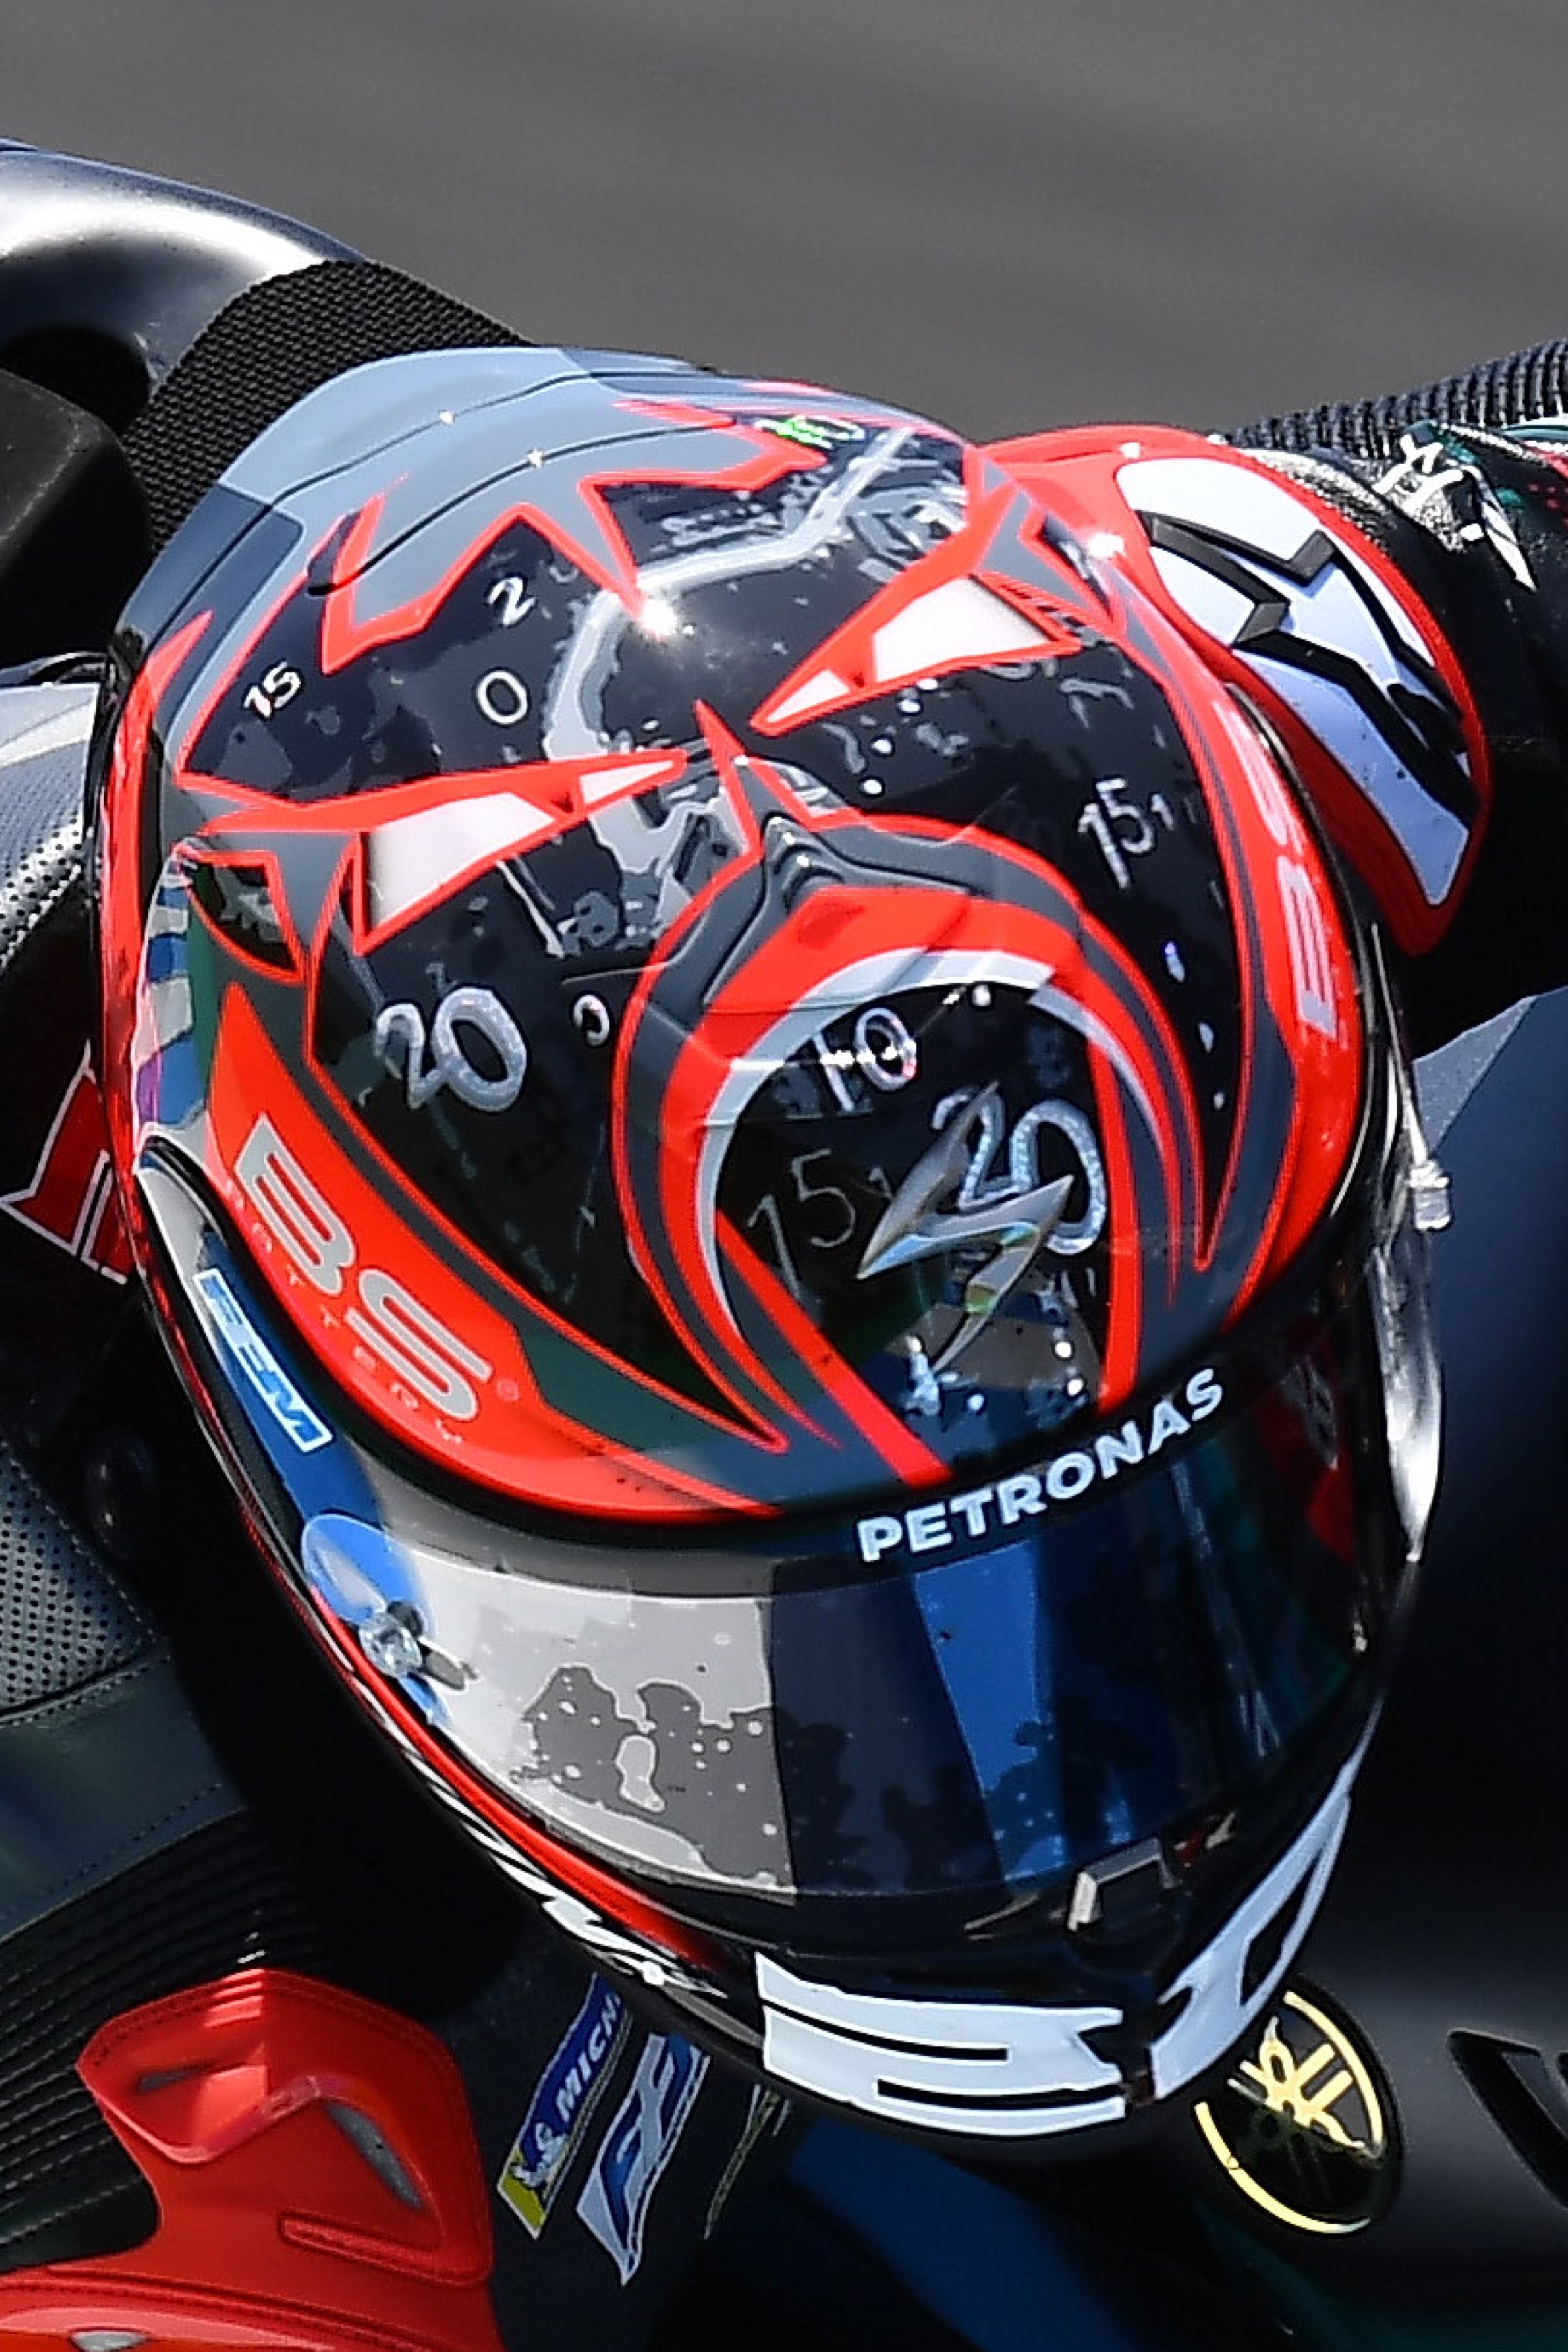 R1 Air Quartararo Replica Helmet Riding Gear Motorbike Art